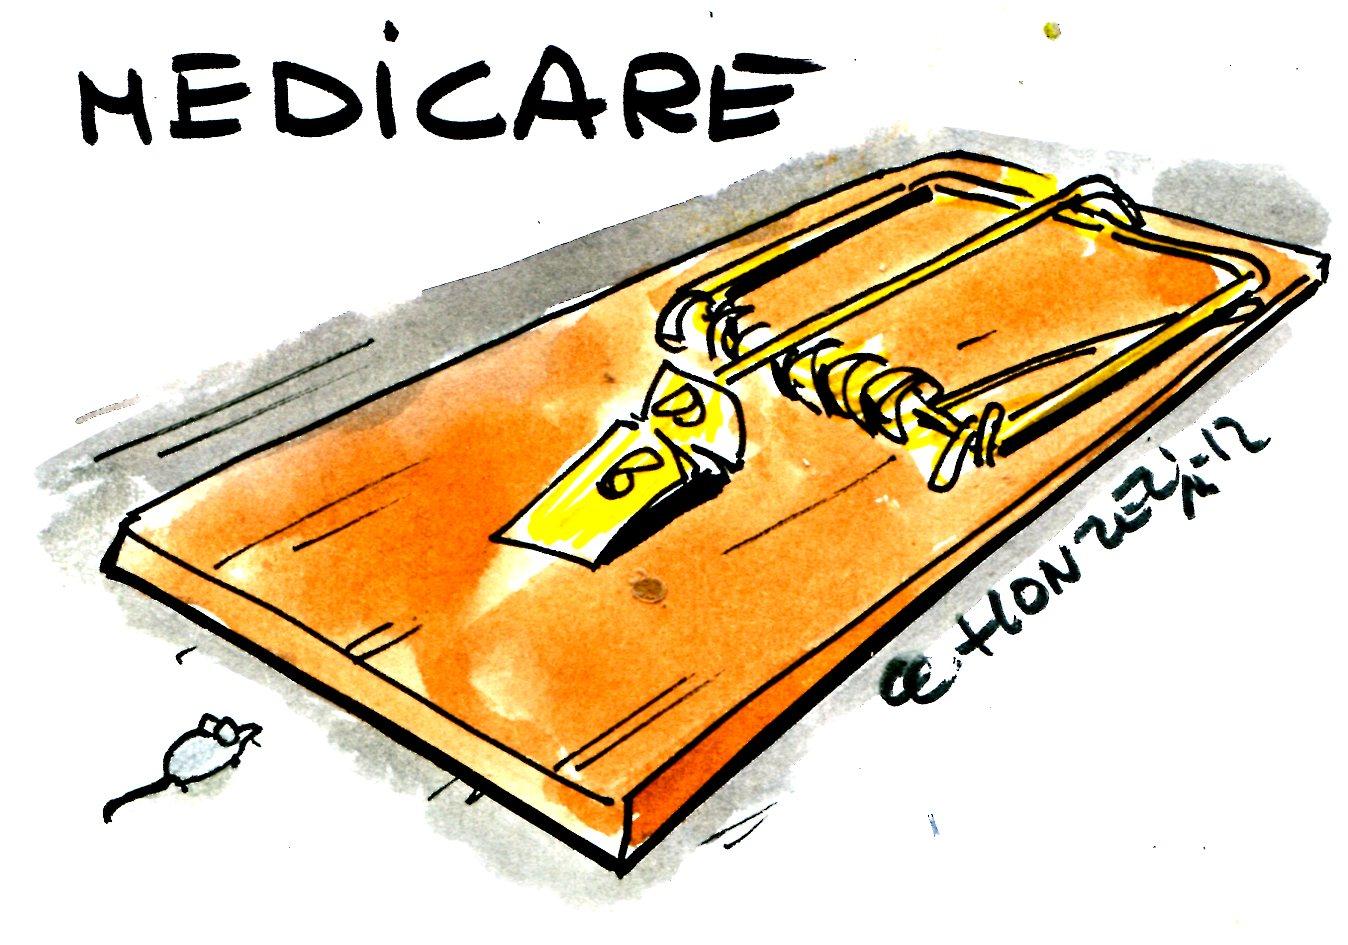 Le système anti-fraude du Medicare à 77 millions de dollars empêche 7591 dollars de fraude